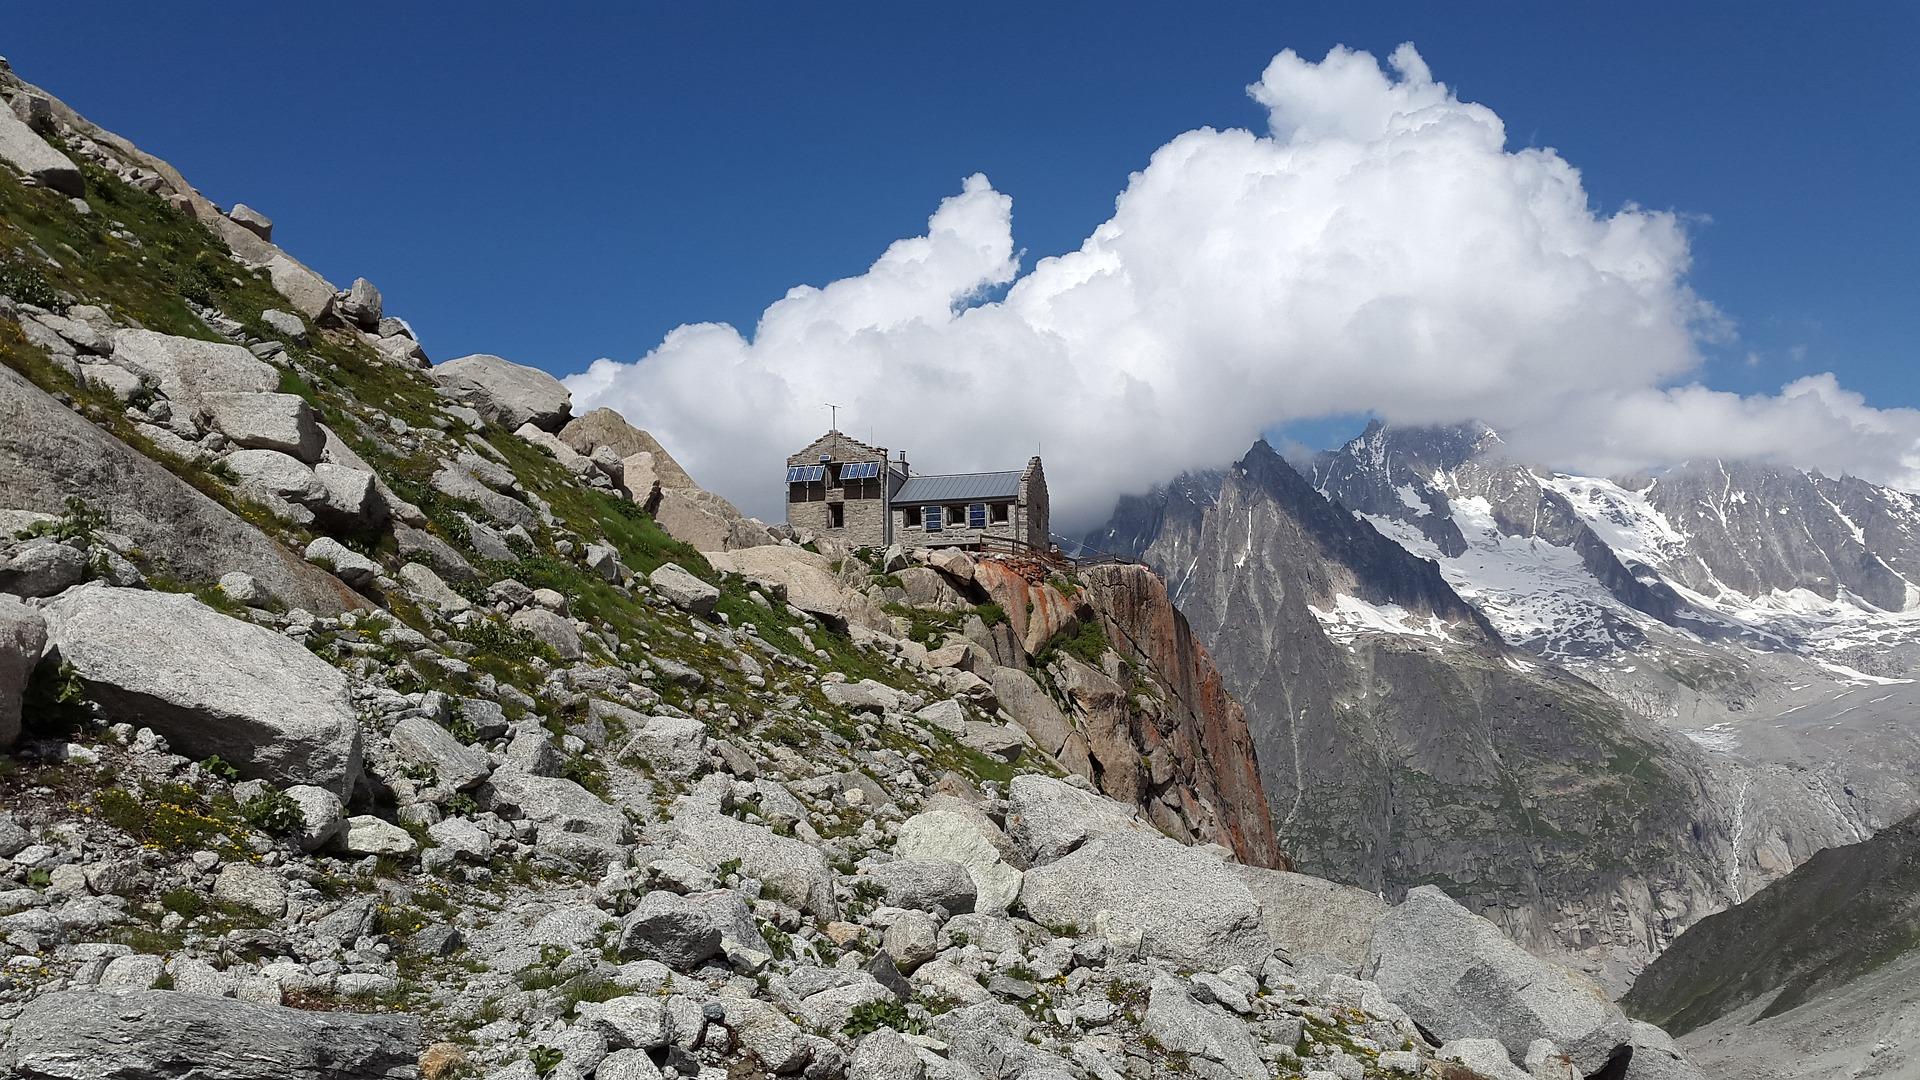 Il rifugio sentieri montagna for Rifugio in baita di montagna